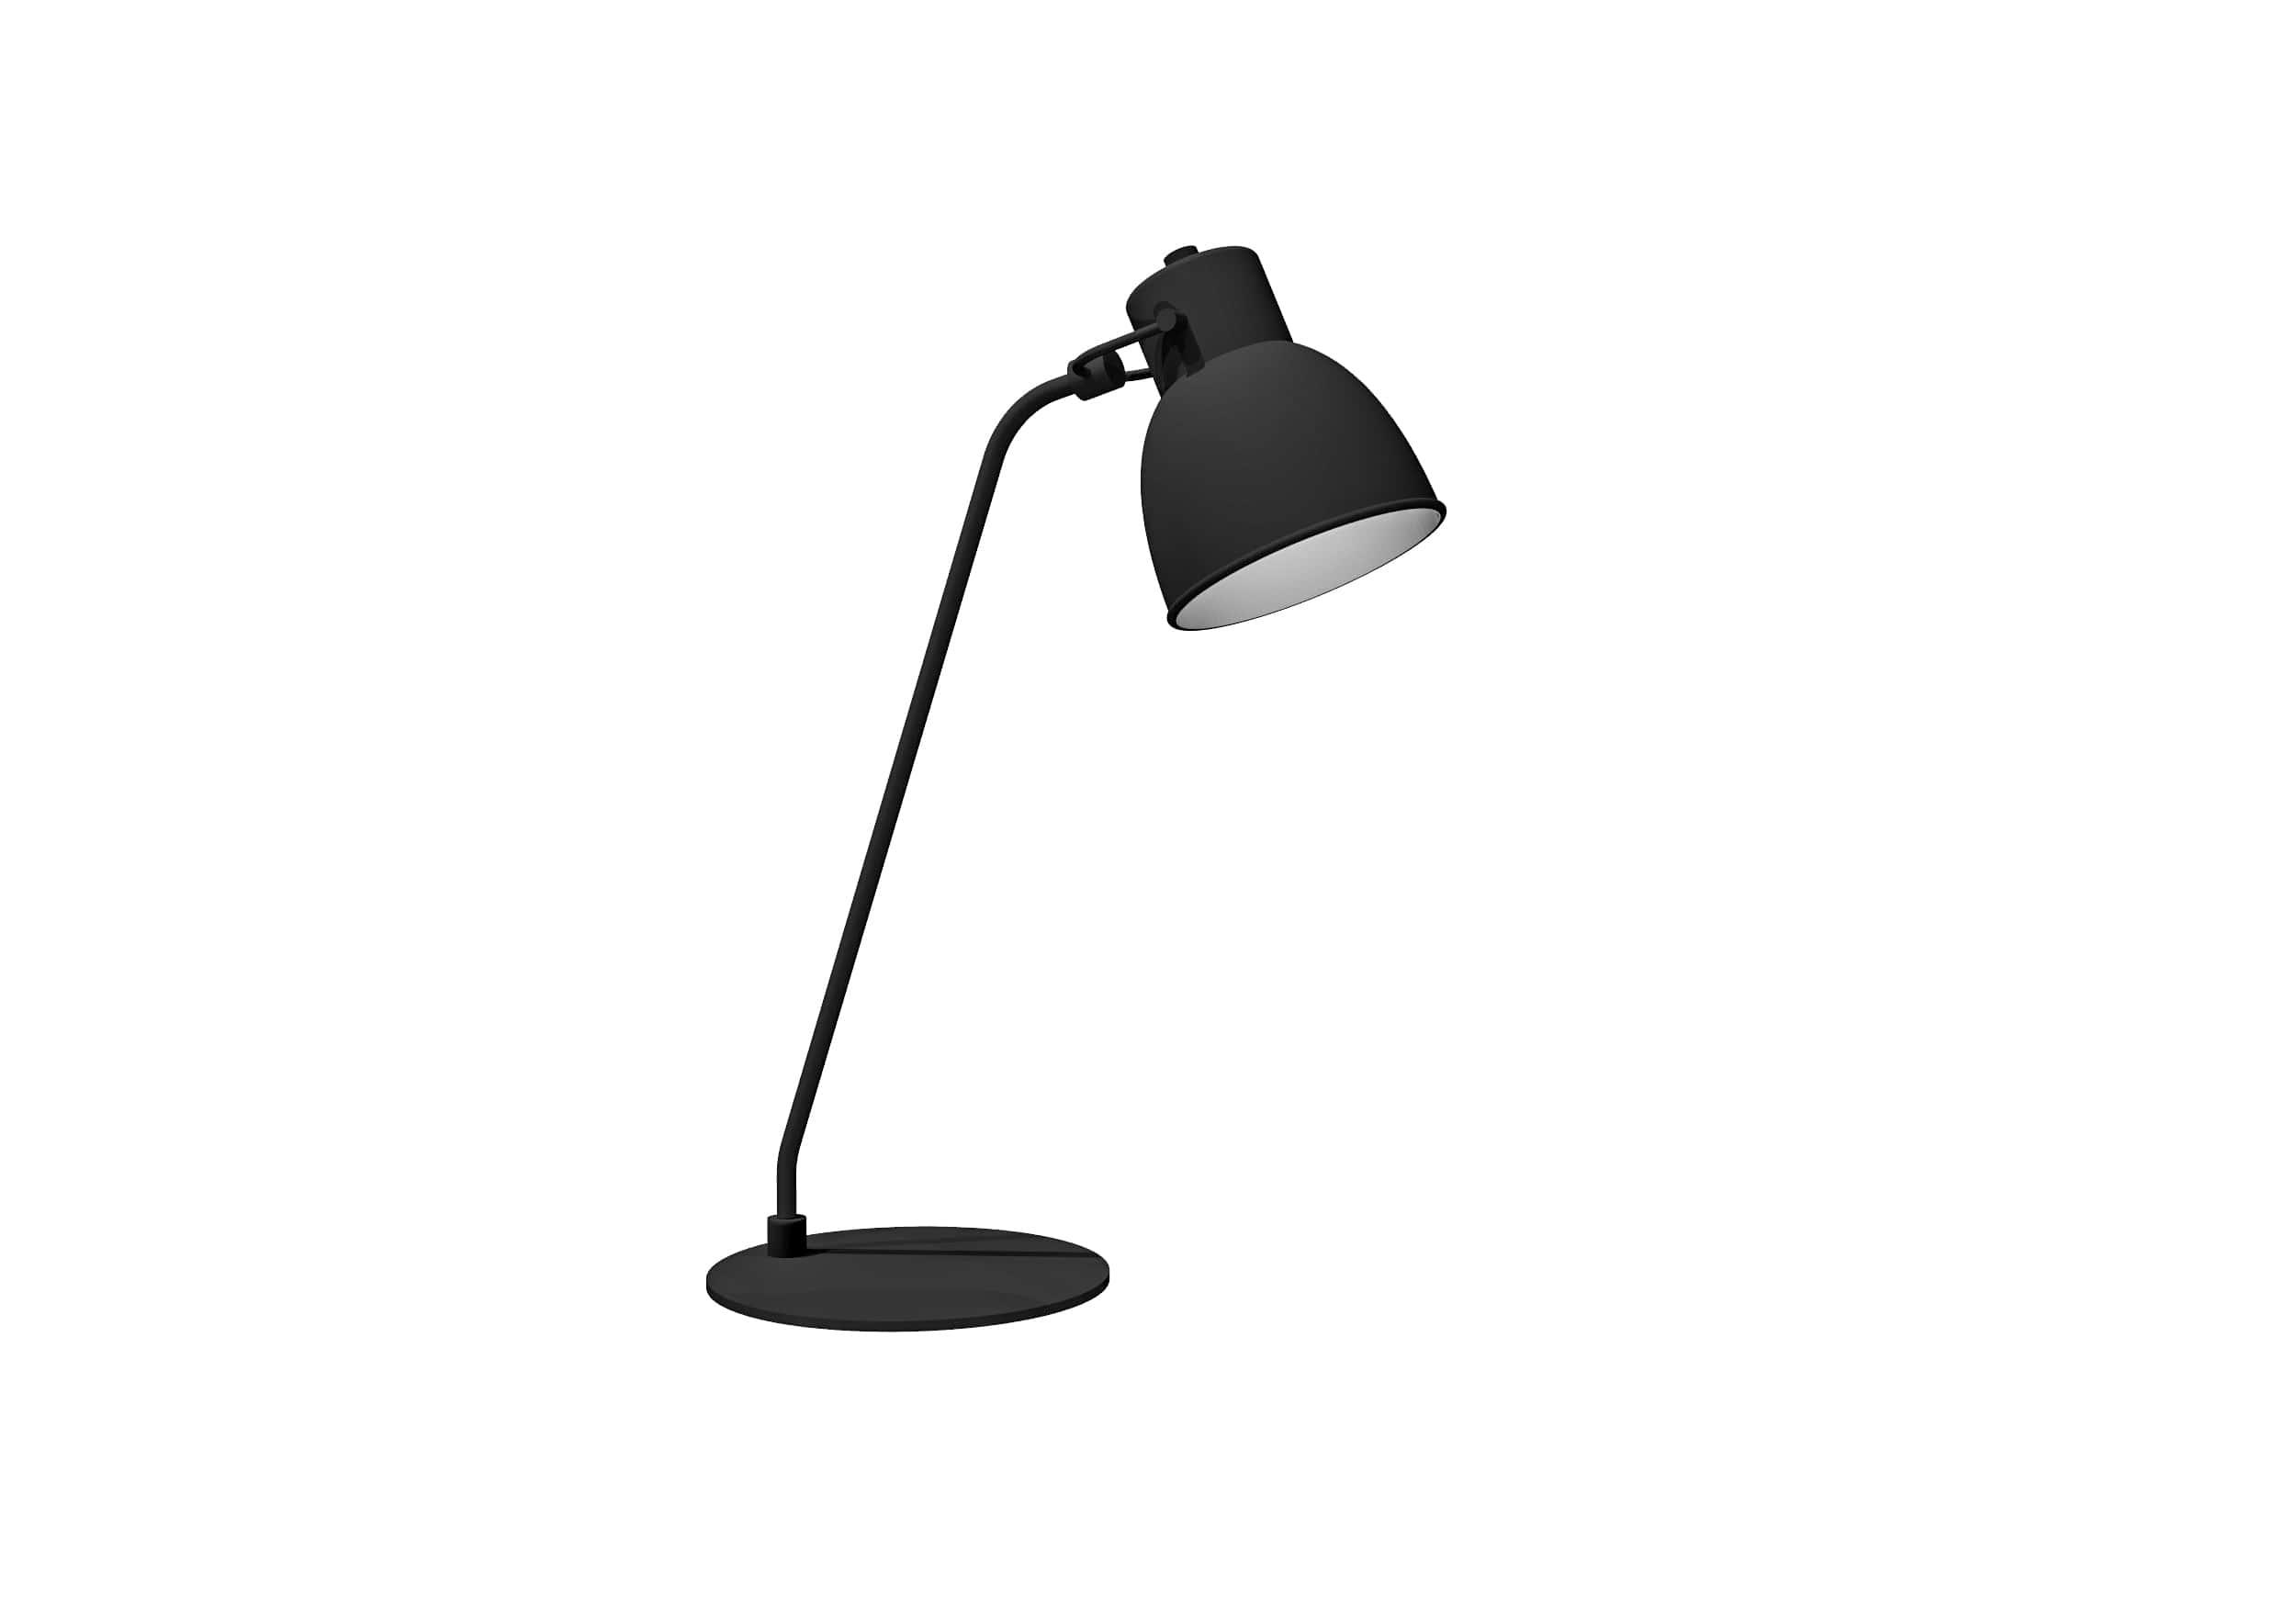 Bureau lamp - Klassiek-min-1